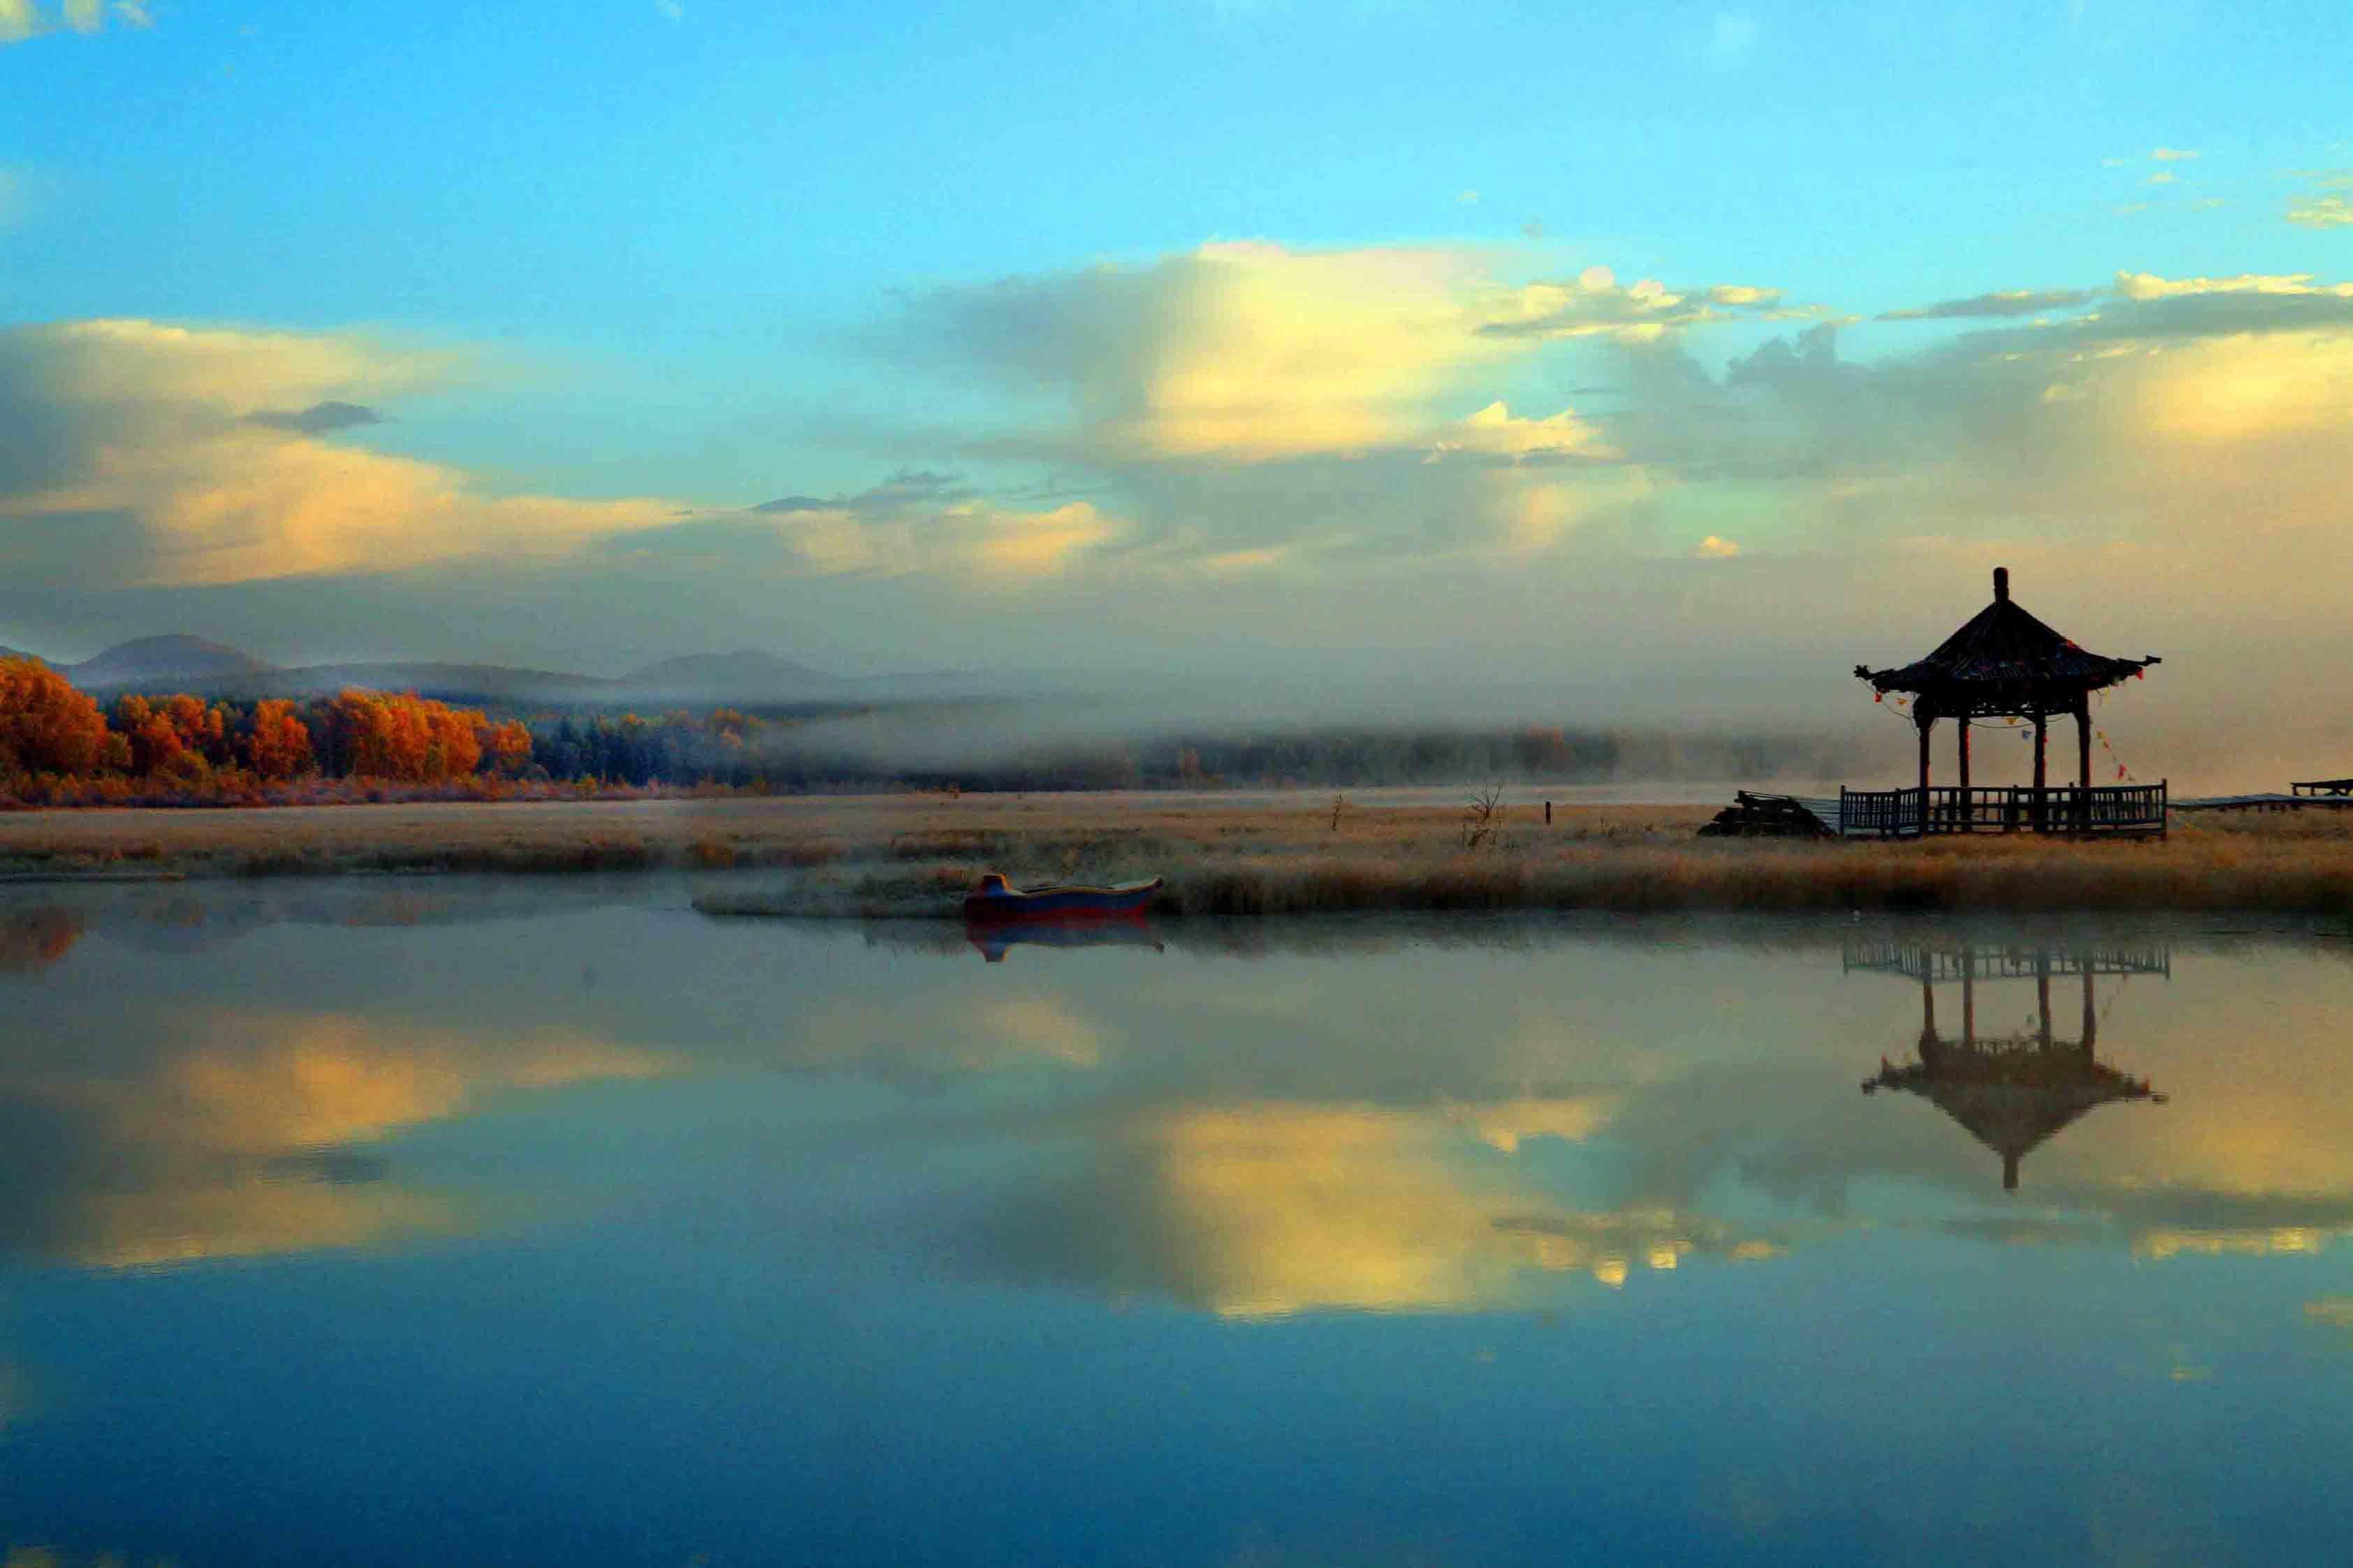 避暑山庄-坝上草原-塞